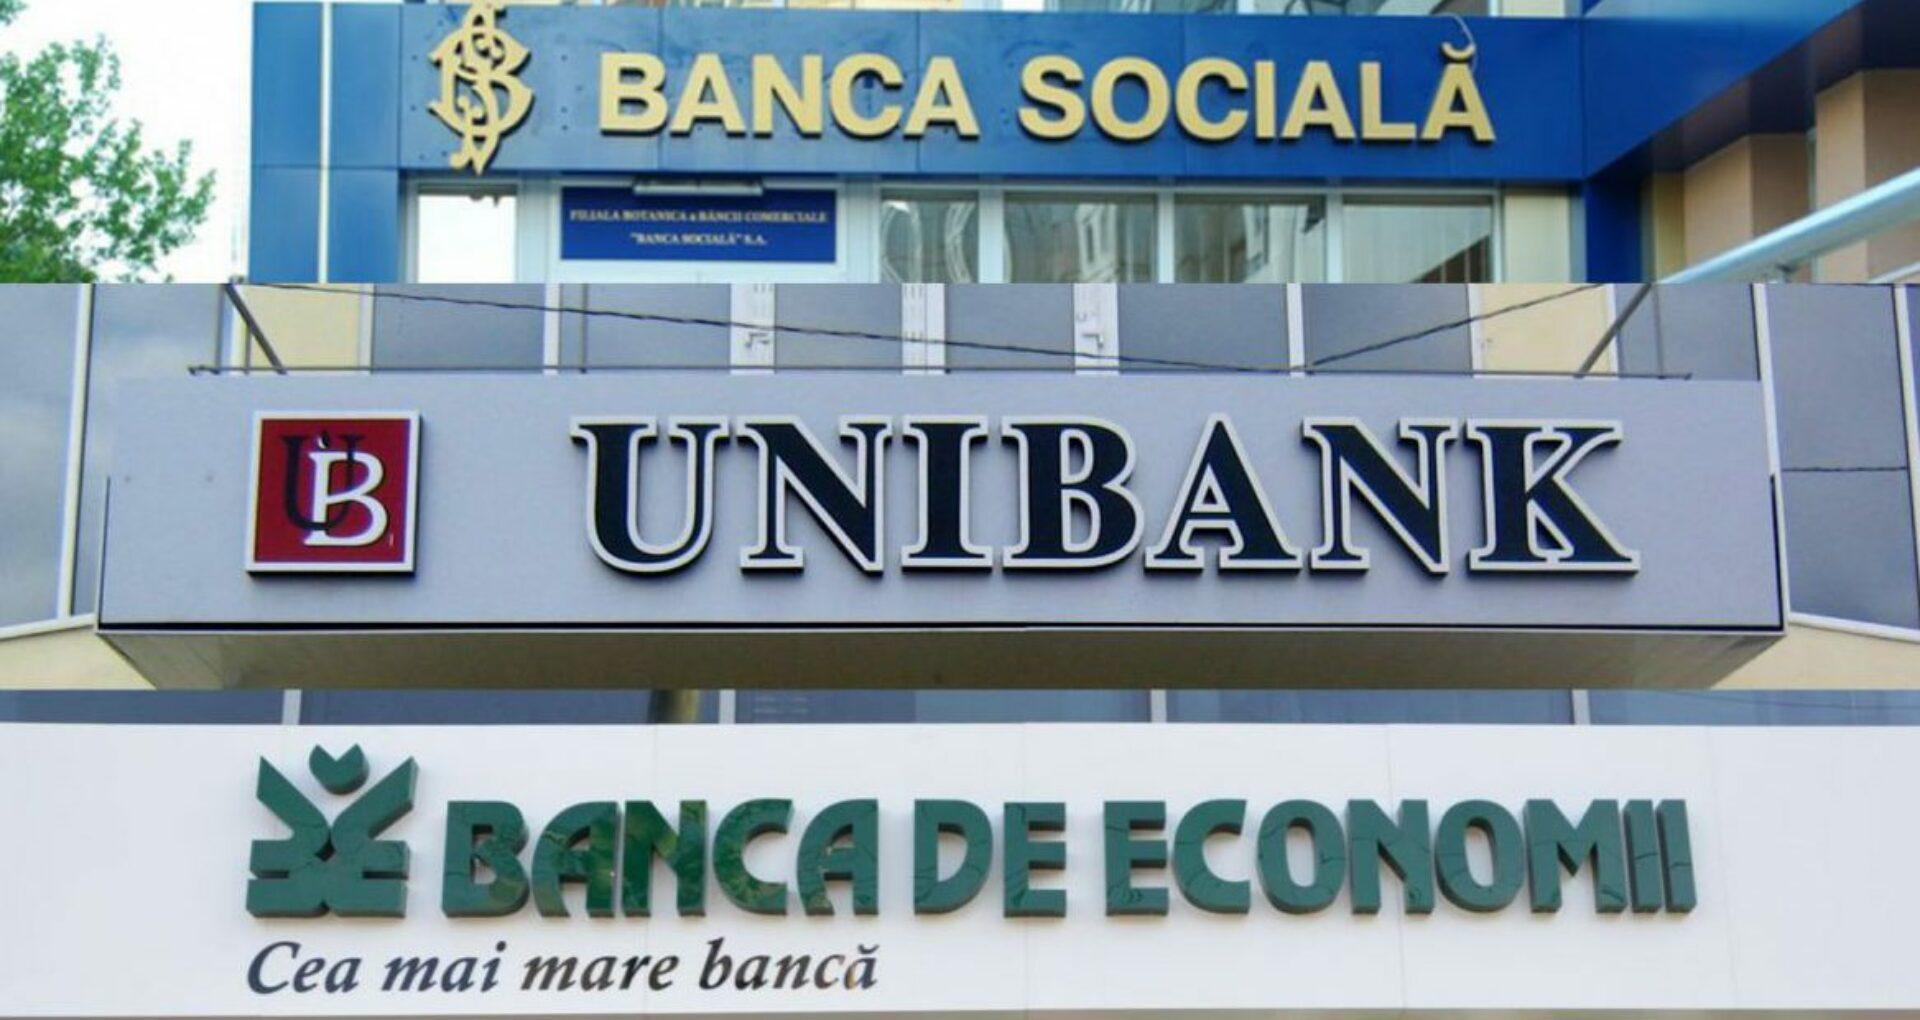 """Raportul comisiei privind investigarea fraudei bancare: """"Procesul devalizării a fost coordonat cu politicieni și demnitari de stat"""""""